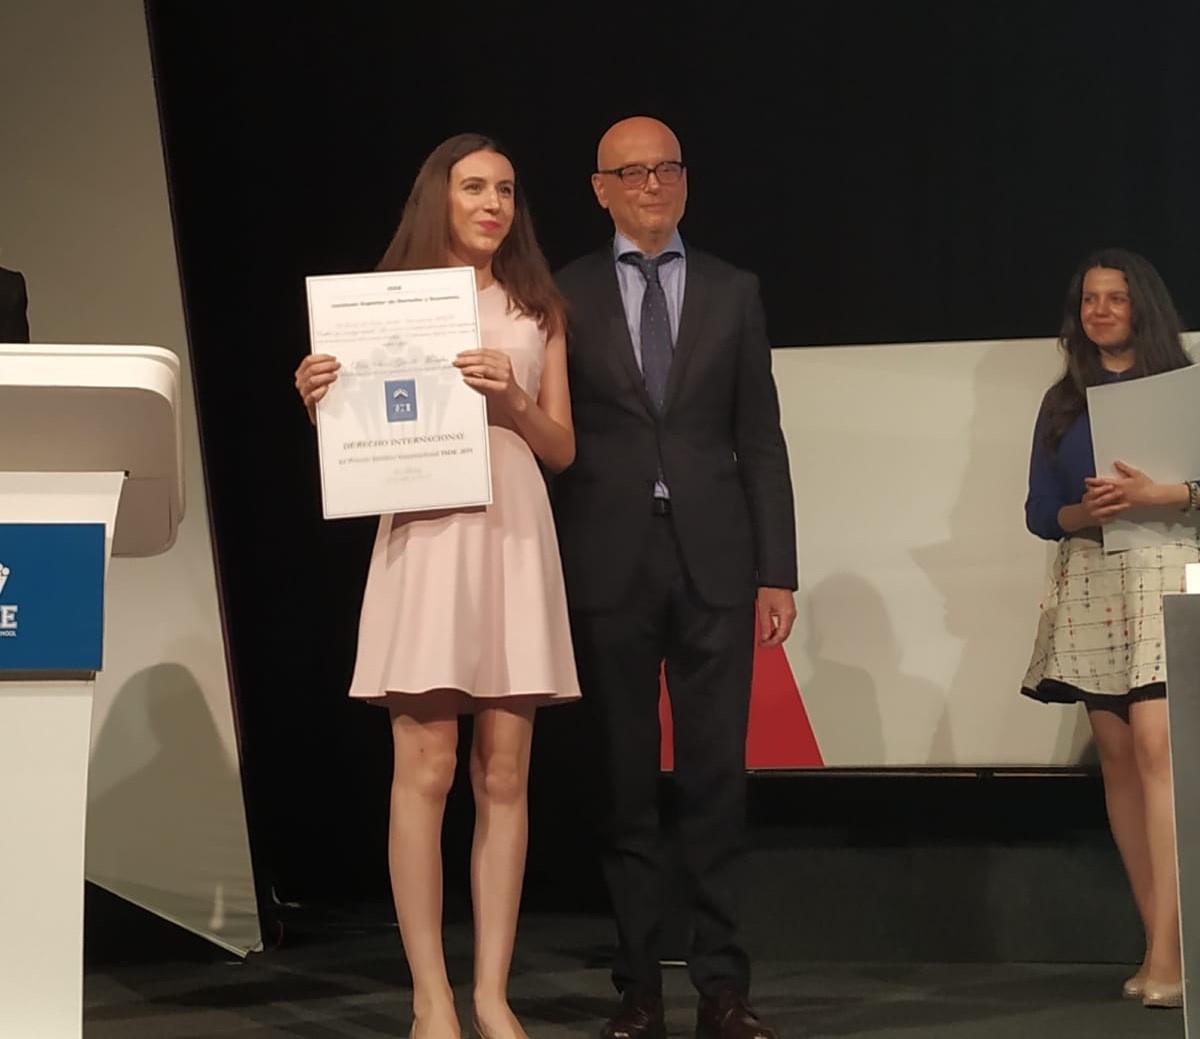 El Presidente del ISDE hace entrega del Premio Jurídico Internacional Sara Guindo Morales.